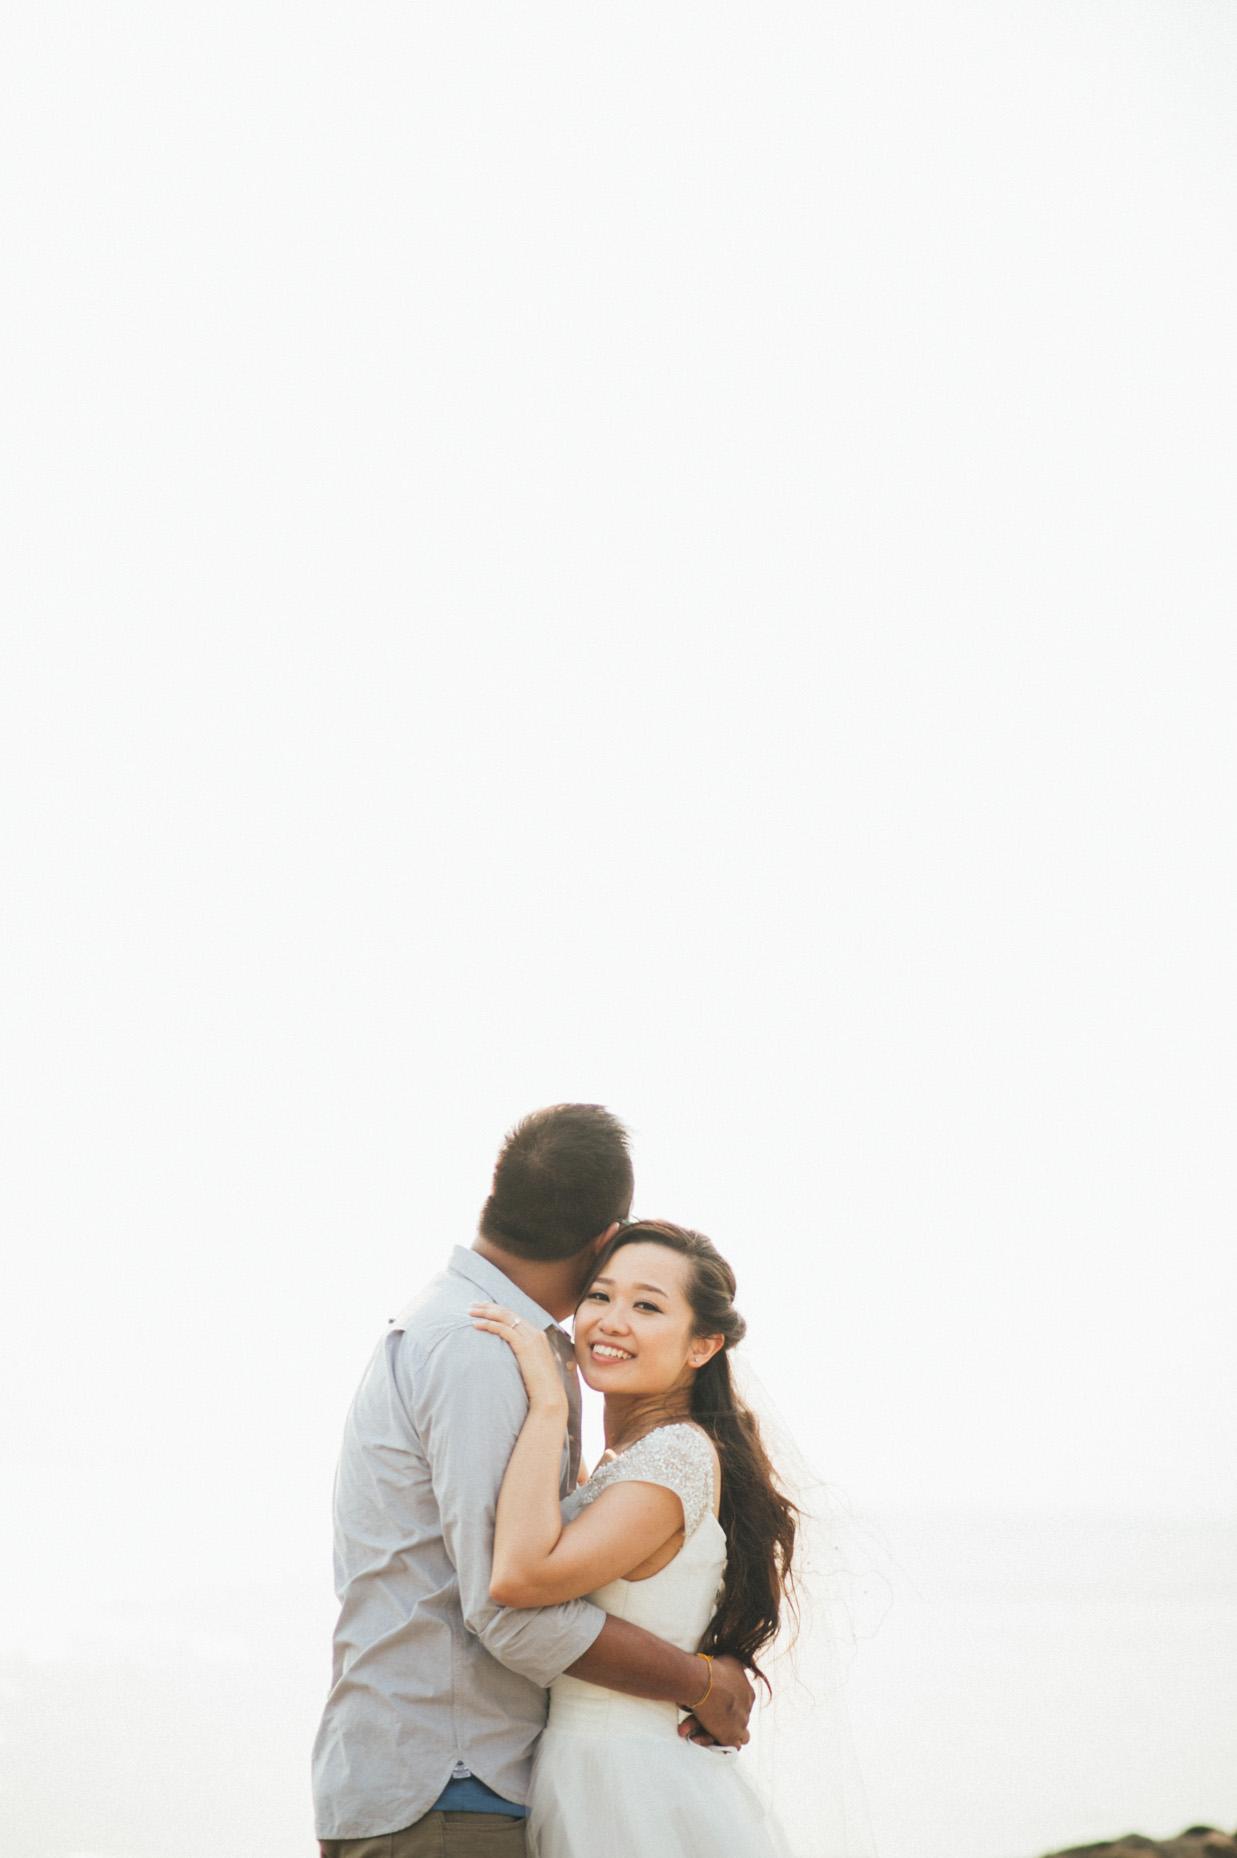 15-hellojanelee-sekinchan-prewedding-engagement-malaysia